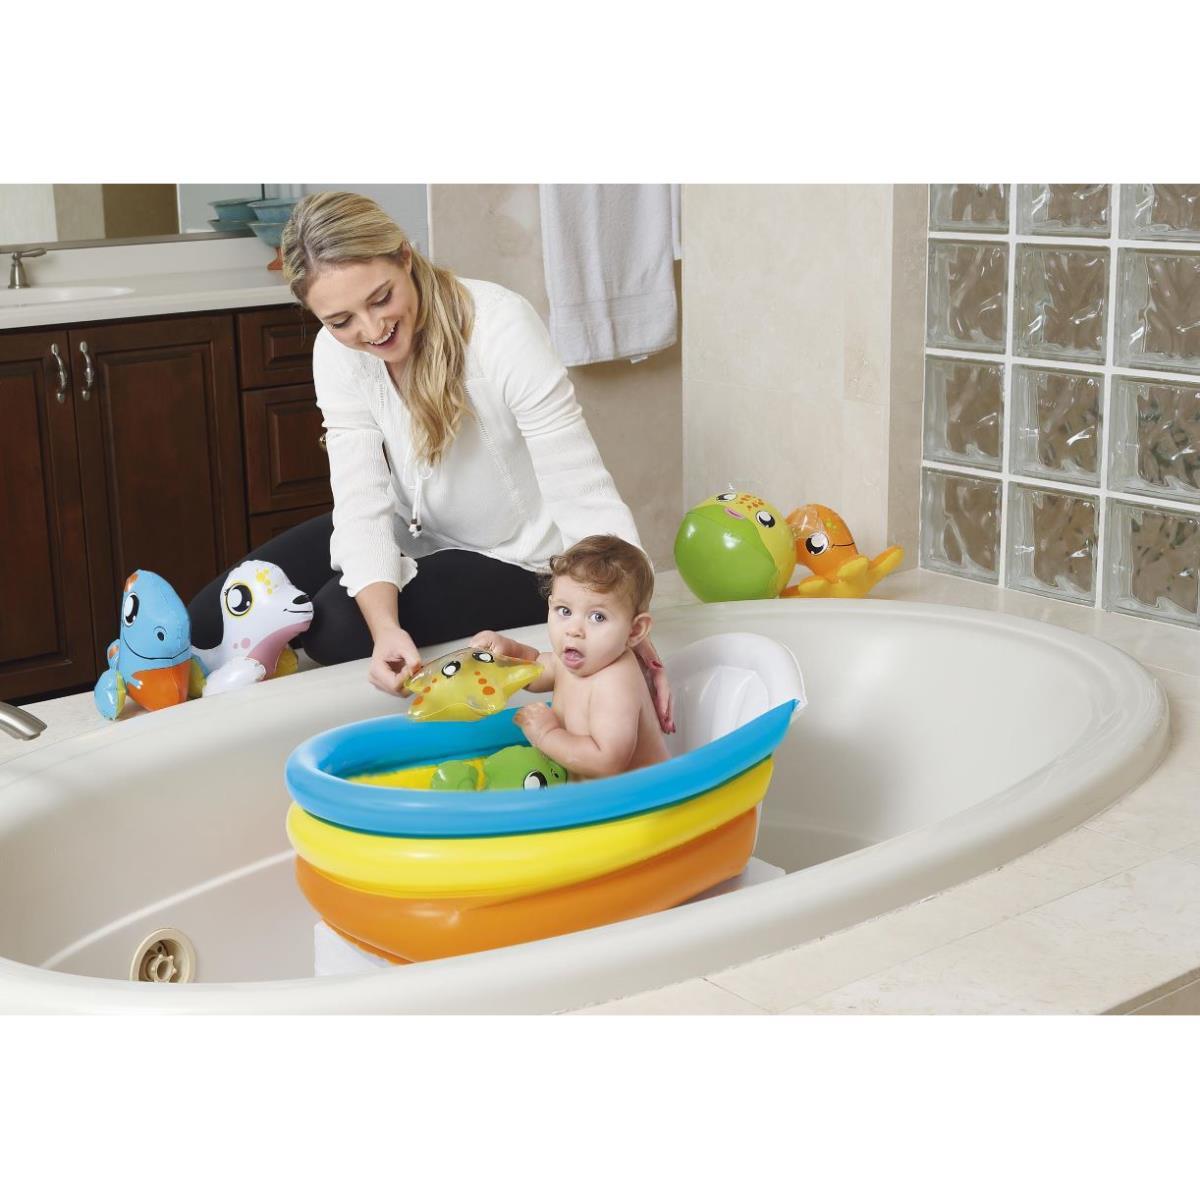 Babywanne Babyplanschbecken Baby Kleinkind Badewanne 76x48x33cm mit Thermometer,Bestway,51134, 6942138951424